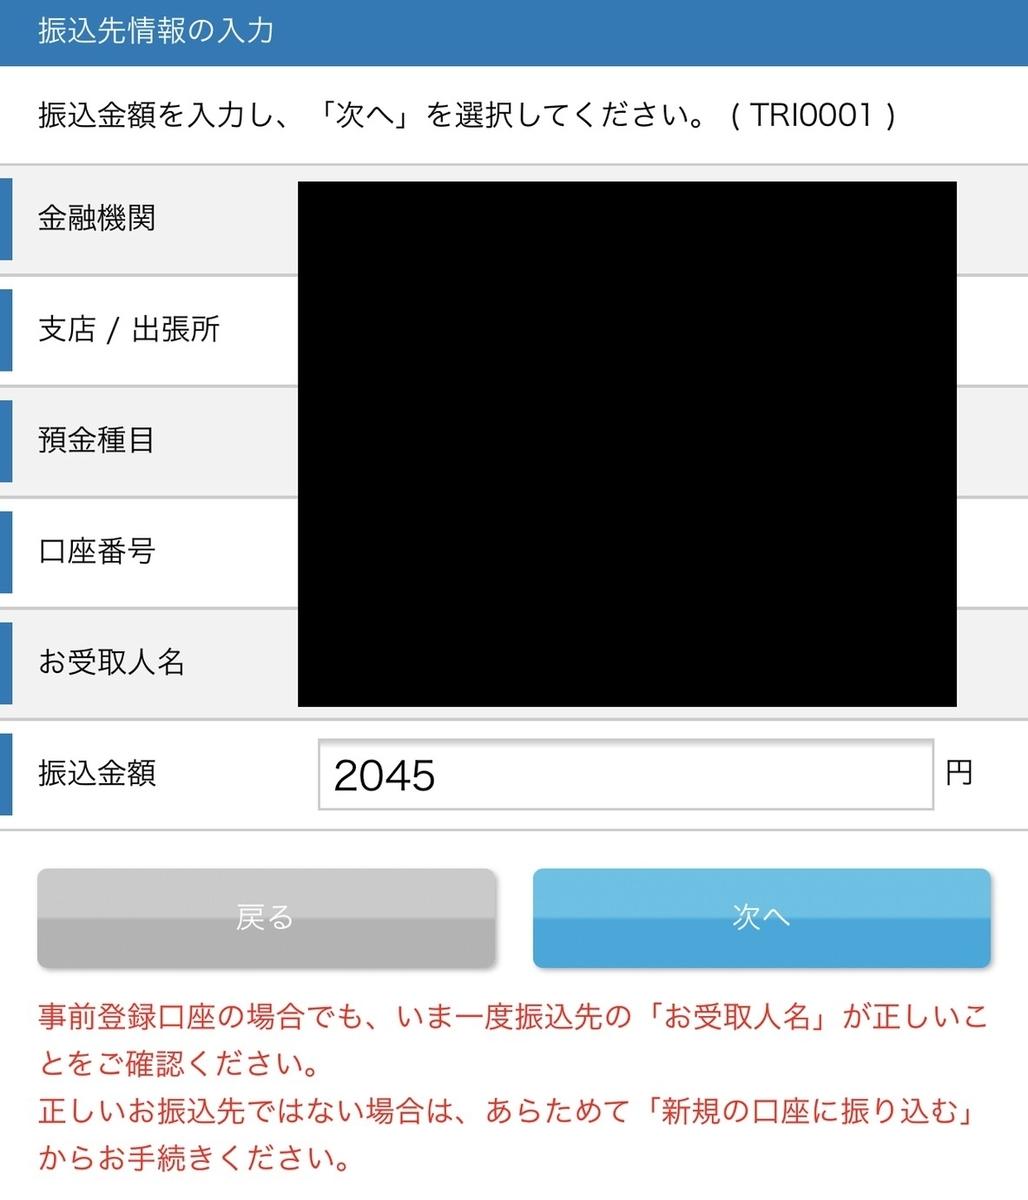 f:id:BitcoinSV:20210112142620j:plain